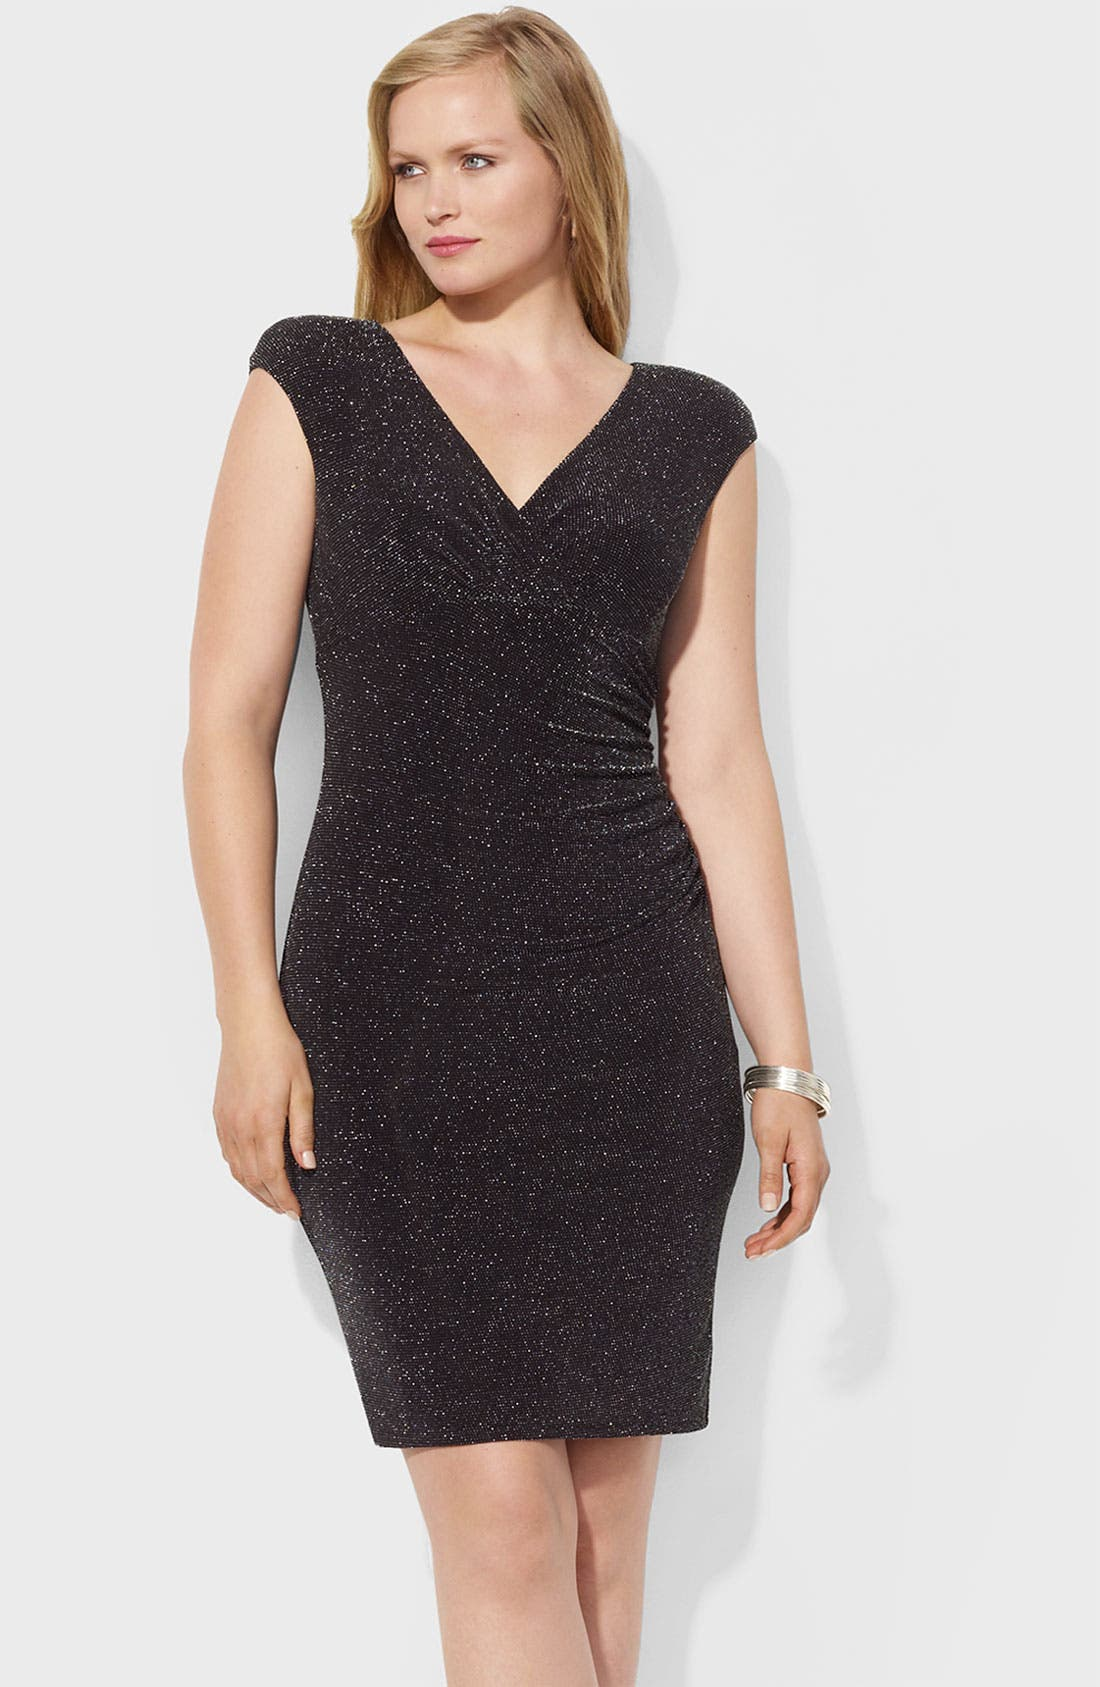 Alternate Image 1 Selected - Lauren Ralph Lauren 'Adara' Metallic Sheath Dress (Plus)